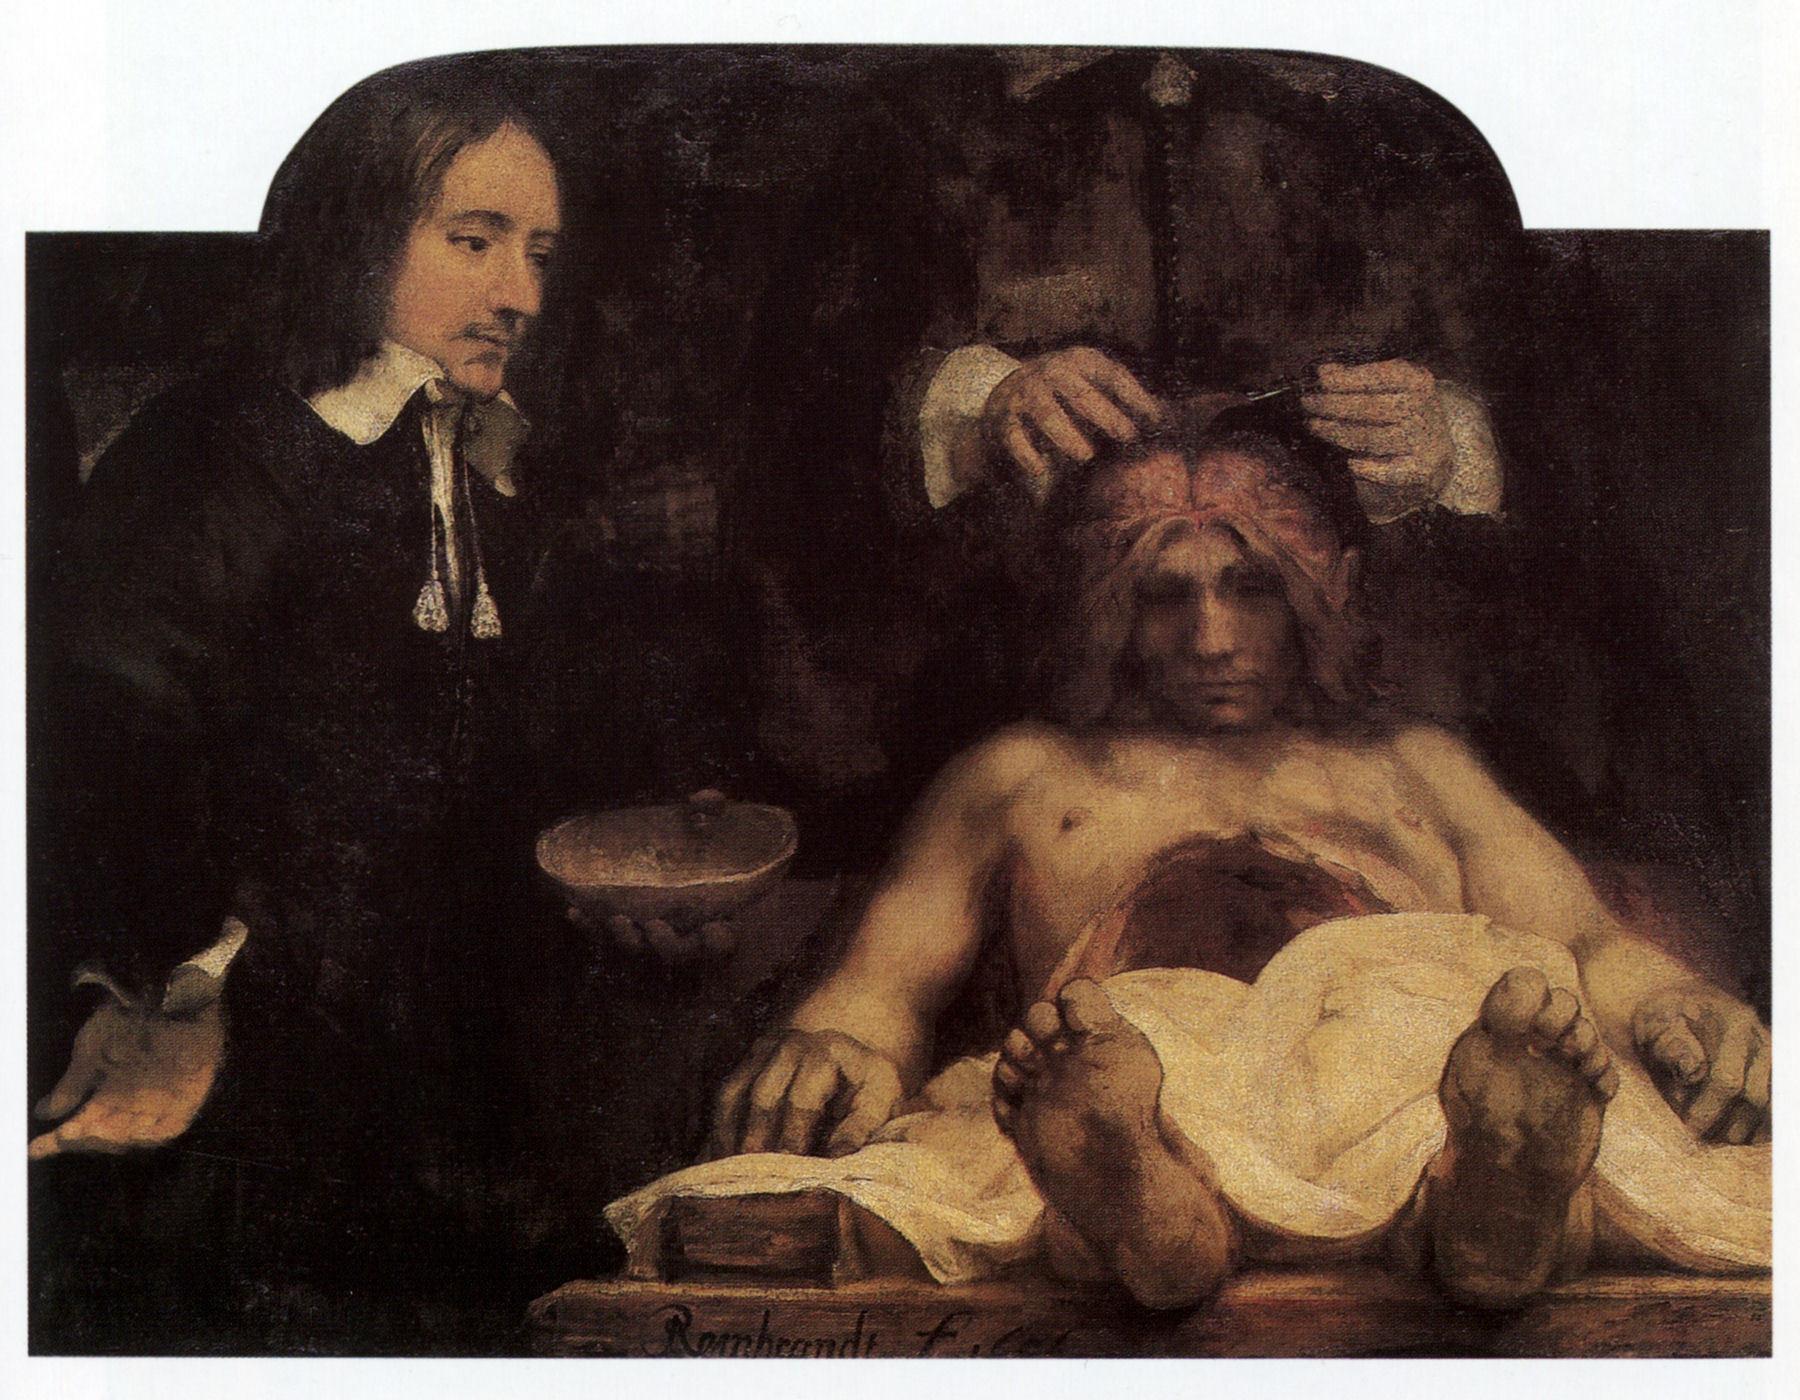 Rembrant, Čas anatomije dr Dejmana, 1656